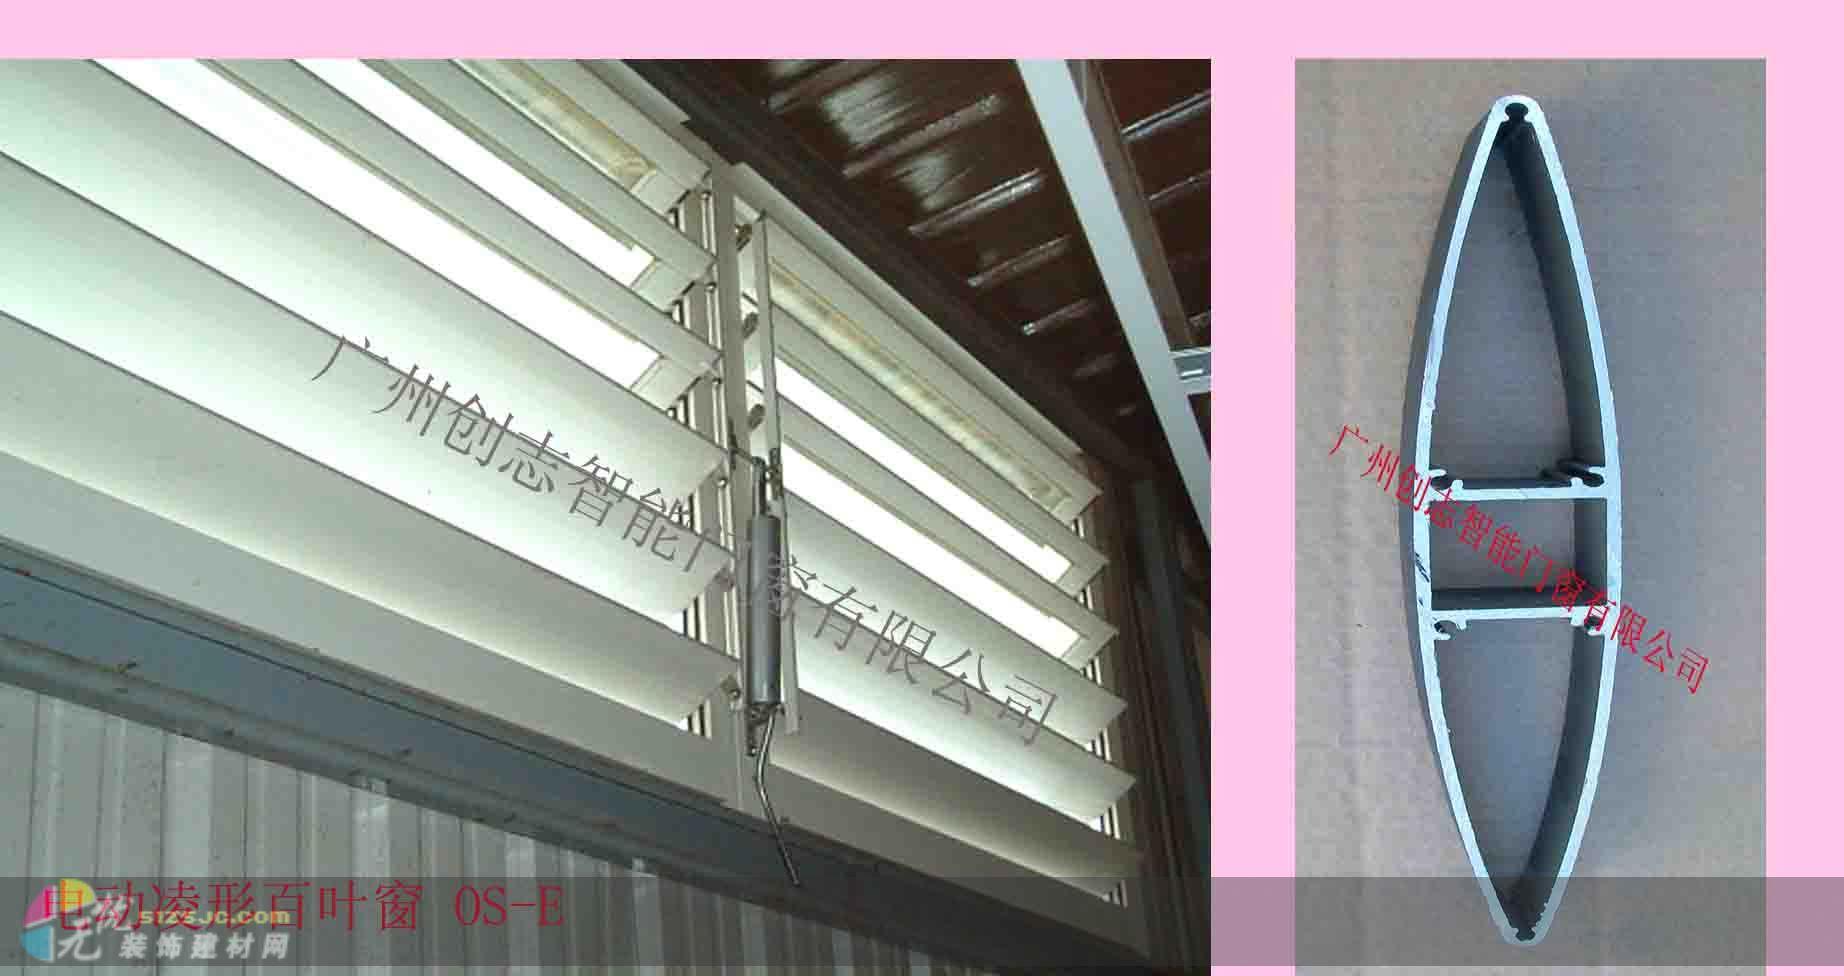 信息标题: 智能百叶窗 电动铝百叶窗 电动排烟百叶窗 产品规格: 电询图片